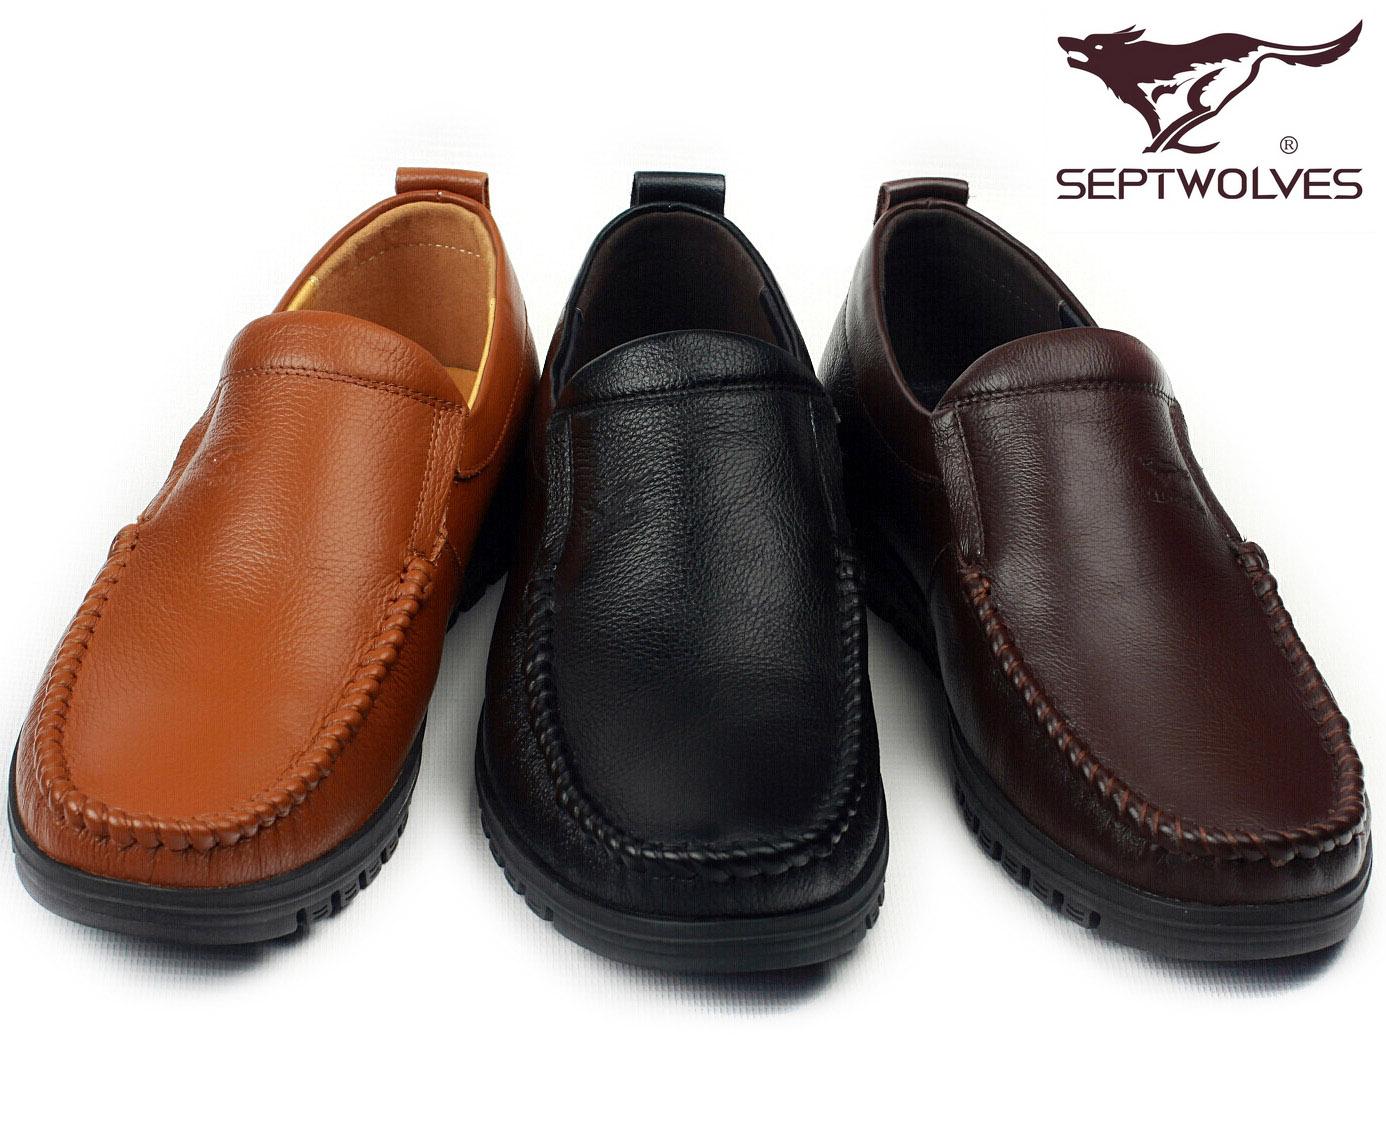 七匹狼皮鞋正品2016春秋款韩版软牛皮鞋83533251178日常休闲男鞋